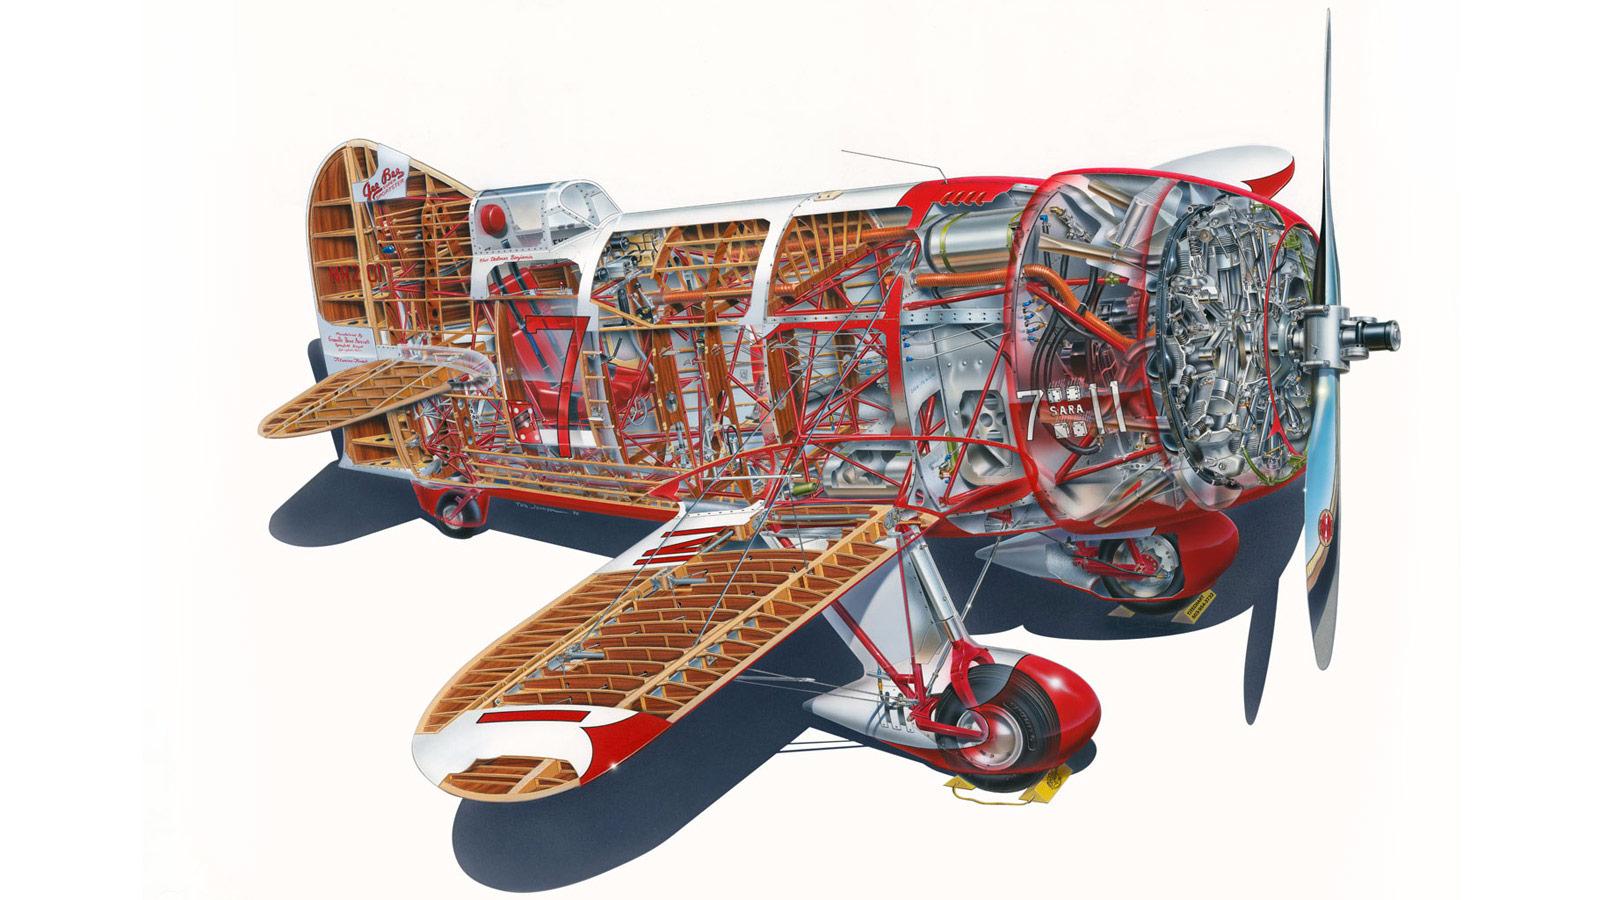 Gee Bee Model R cutaway